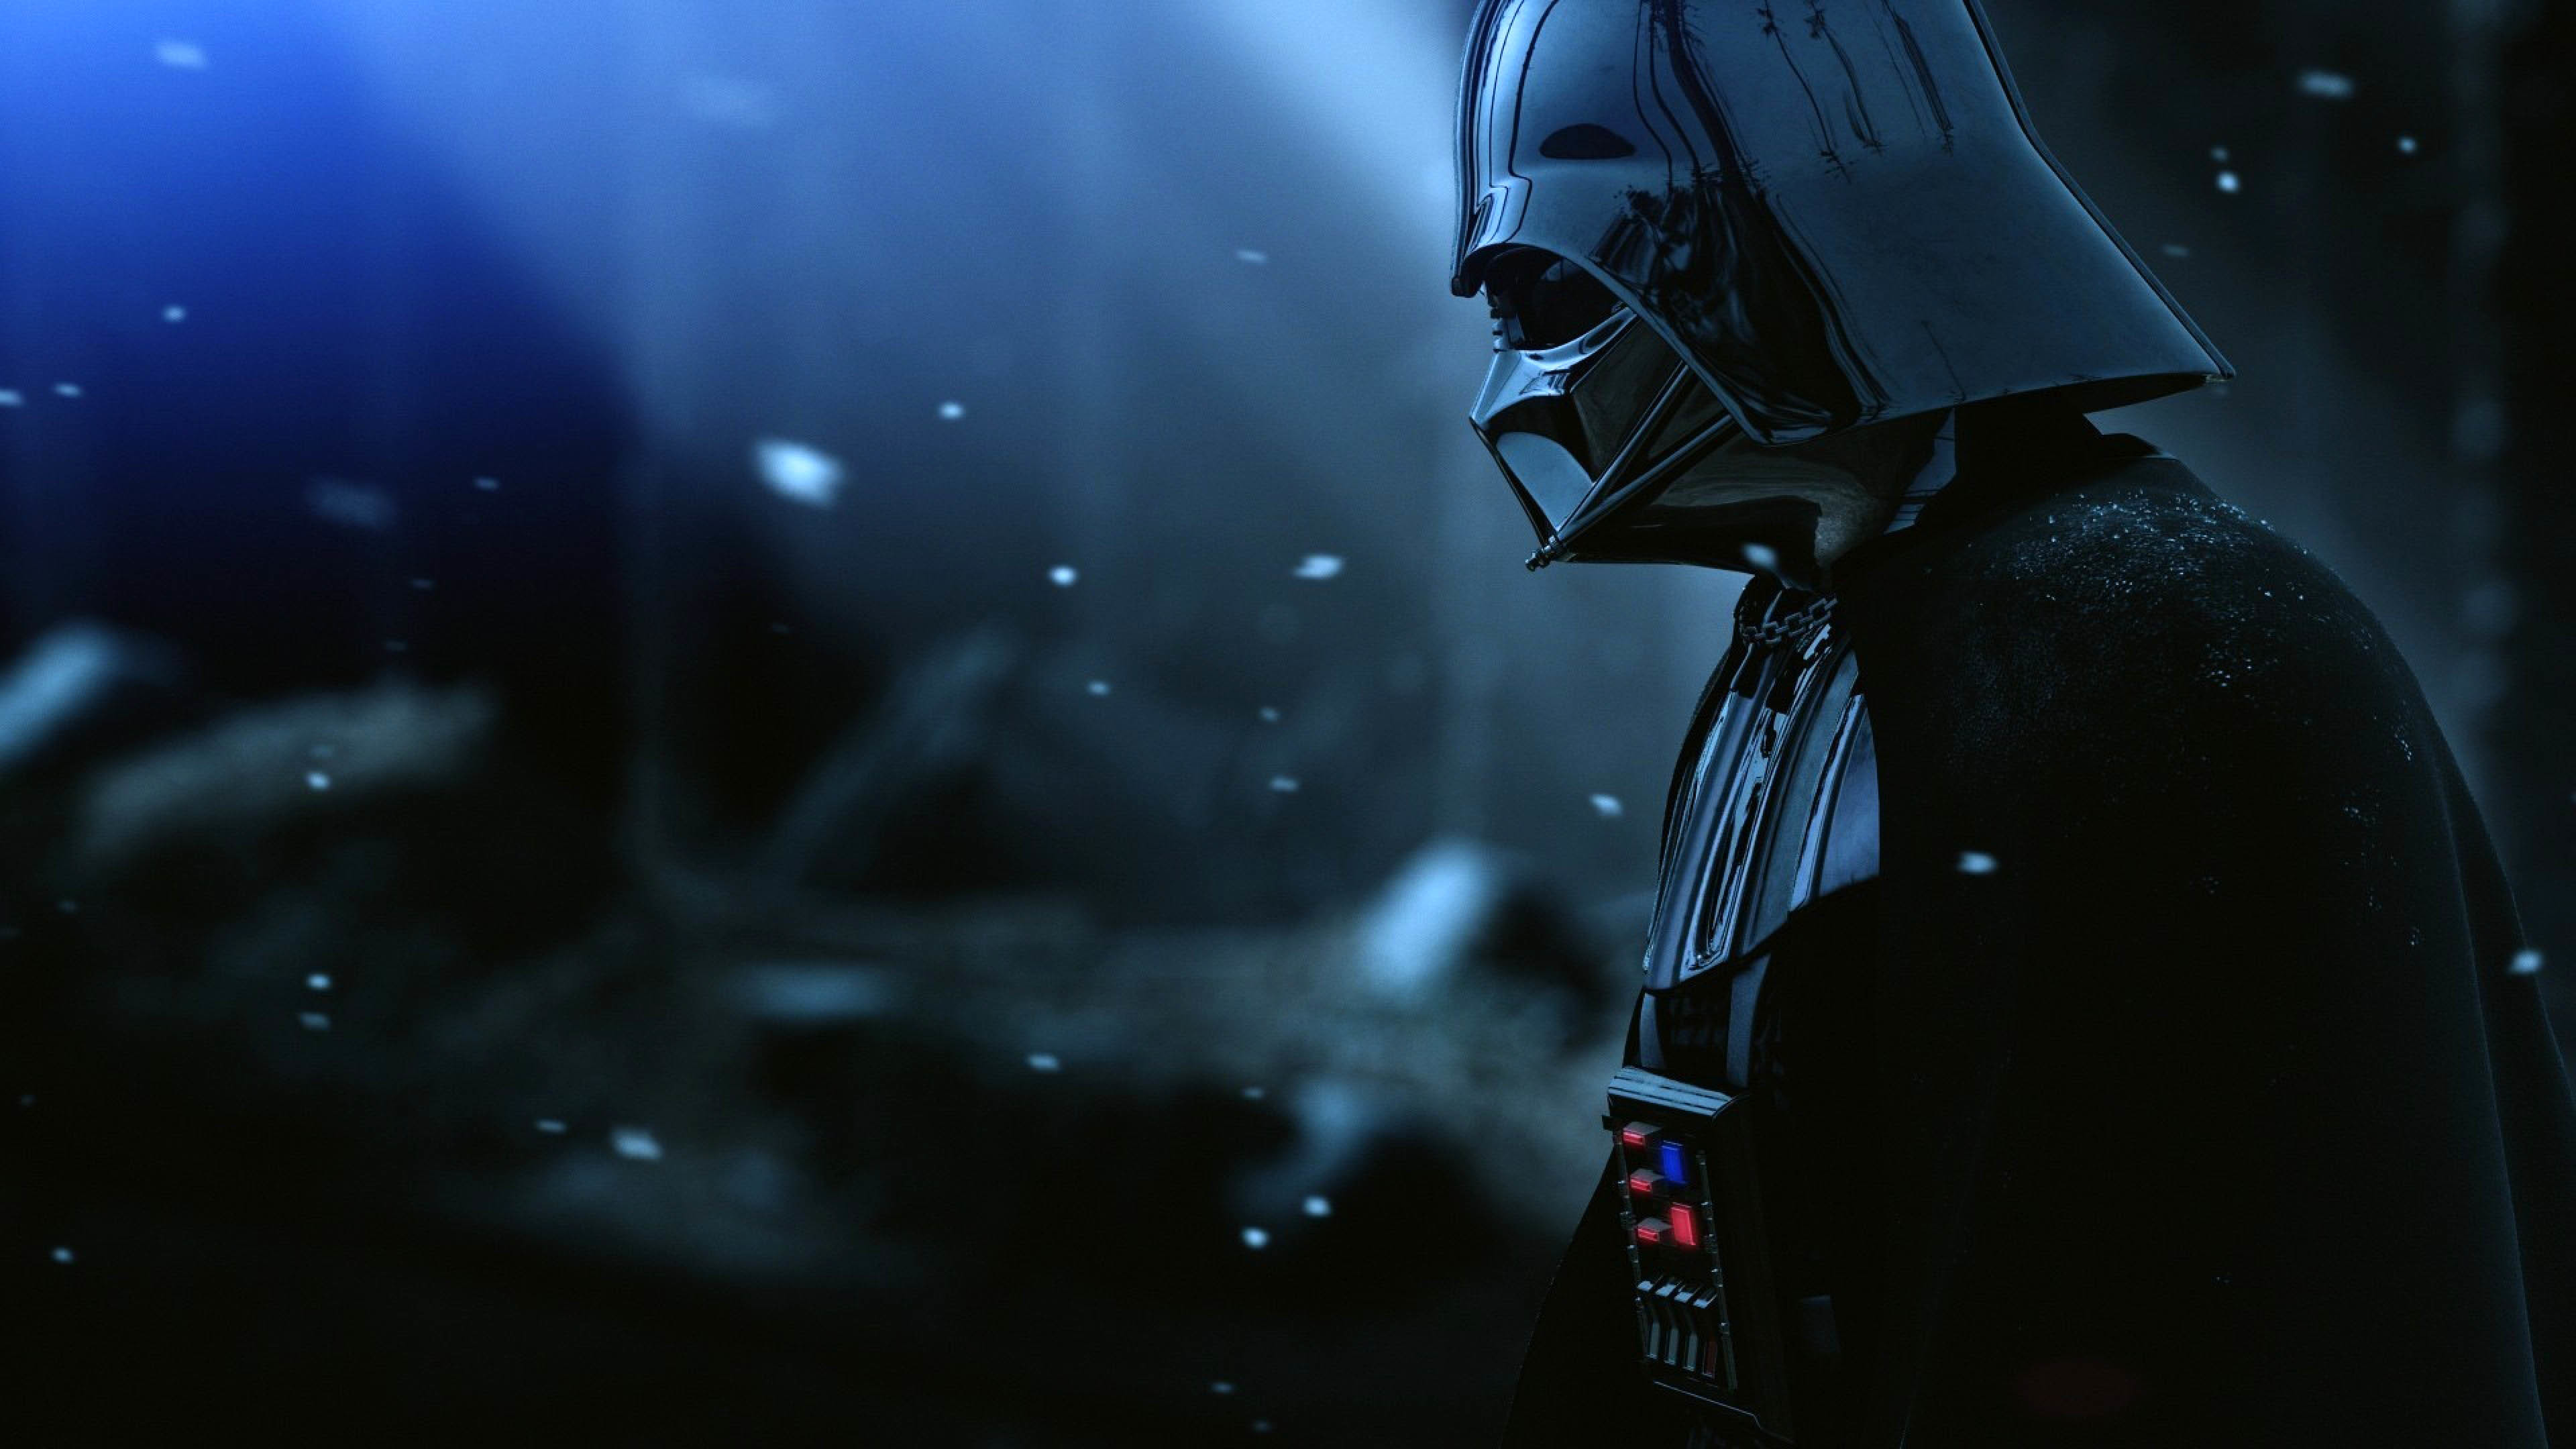 Darth Vader – Star Wars wallpaper